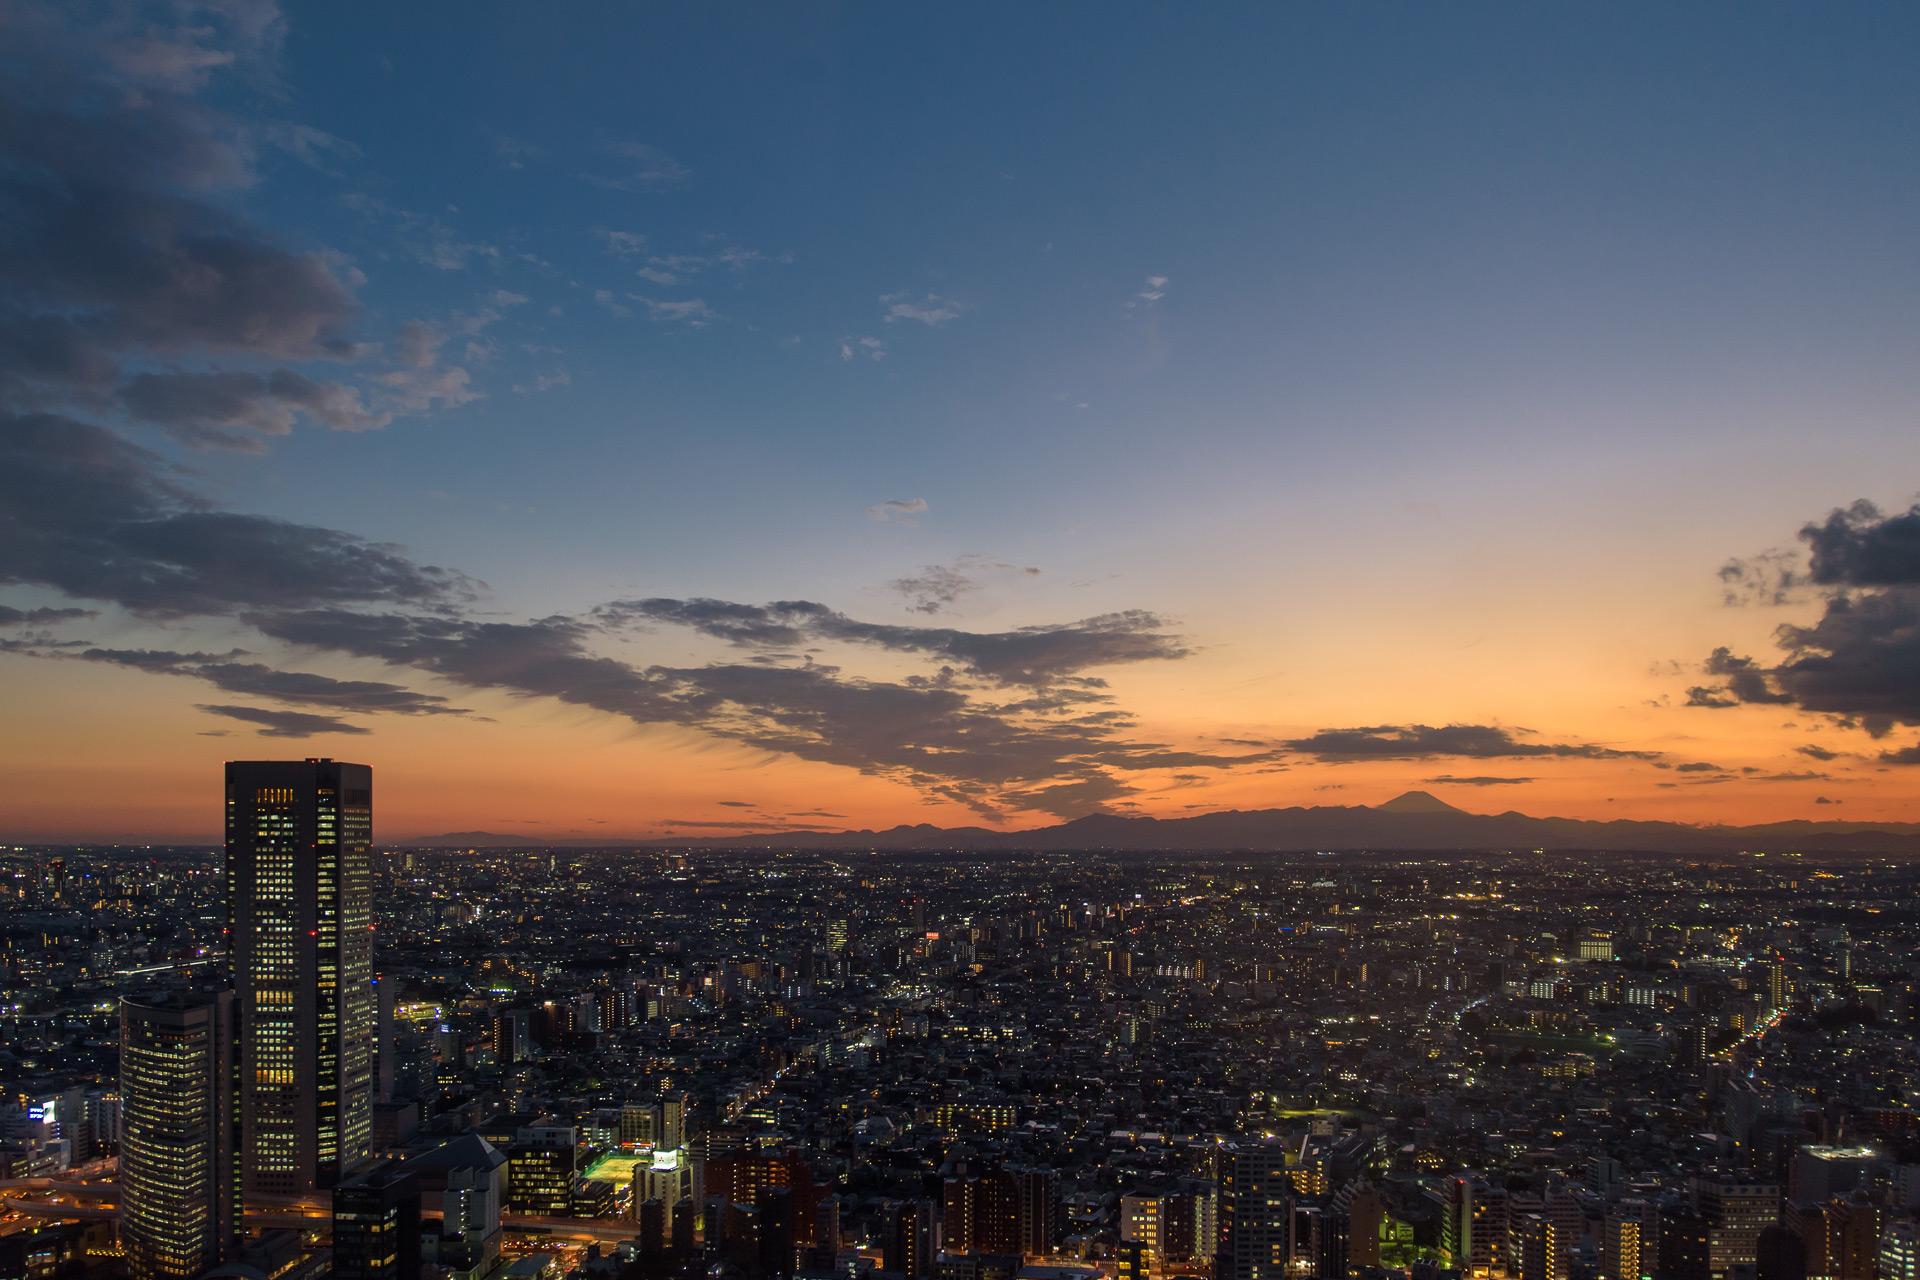 Sonnenuntergang mit Mt Fuji im Hintergrund, Tokyo